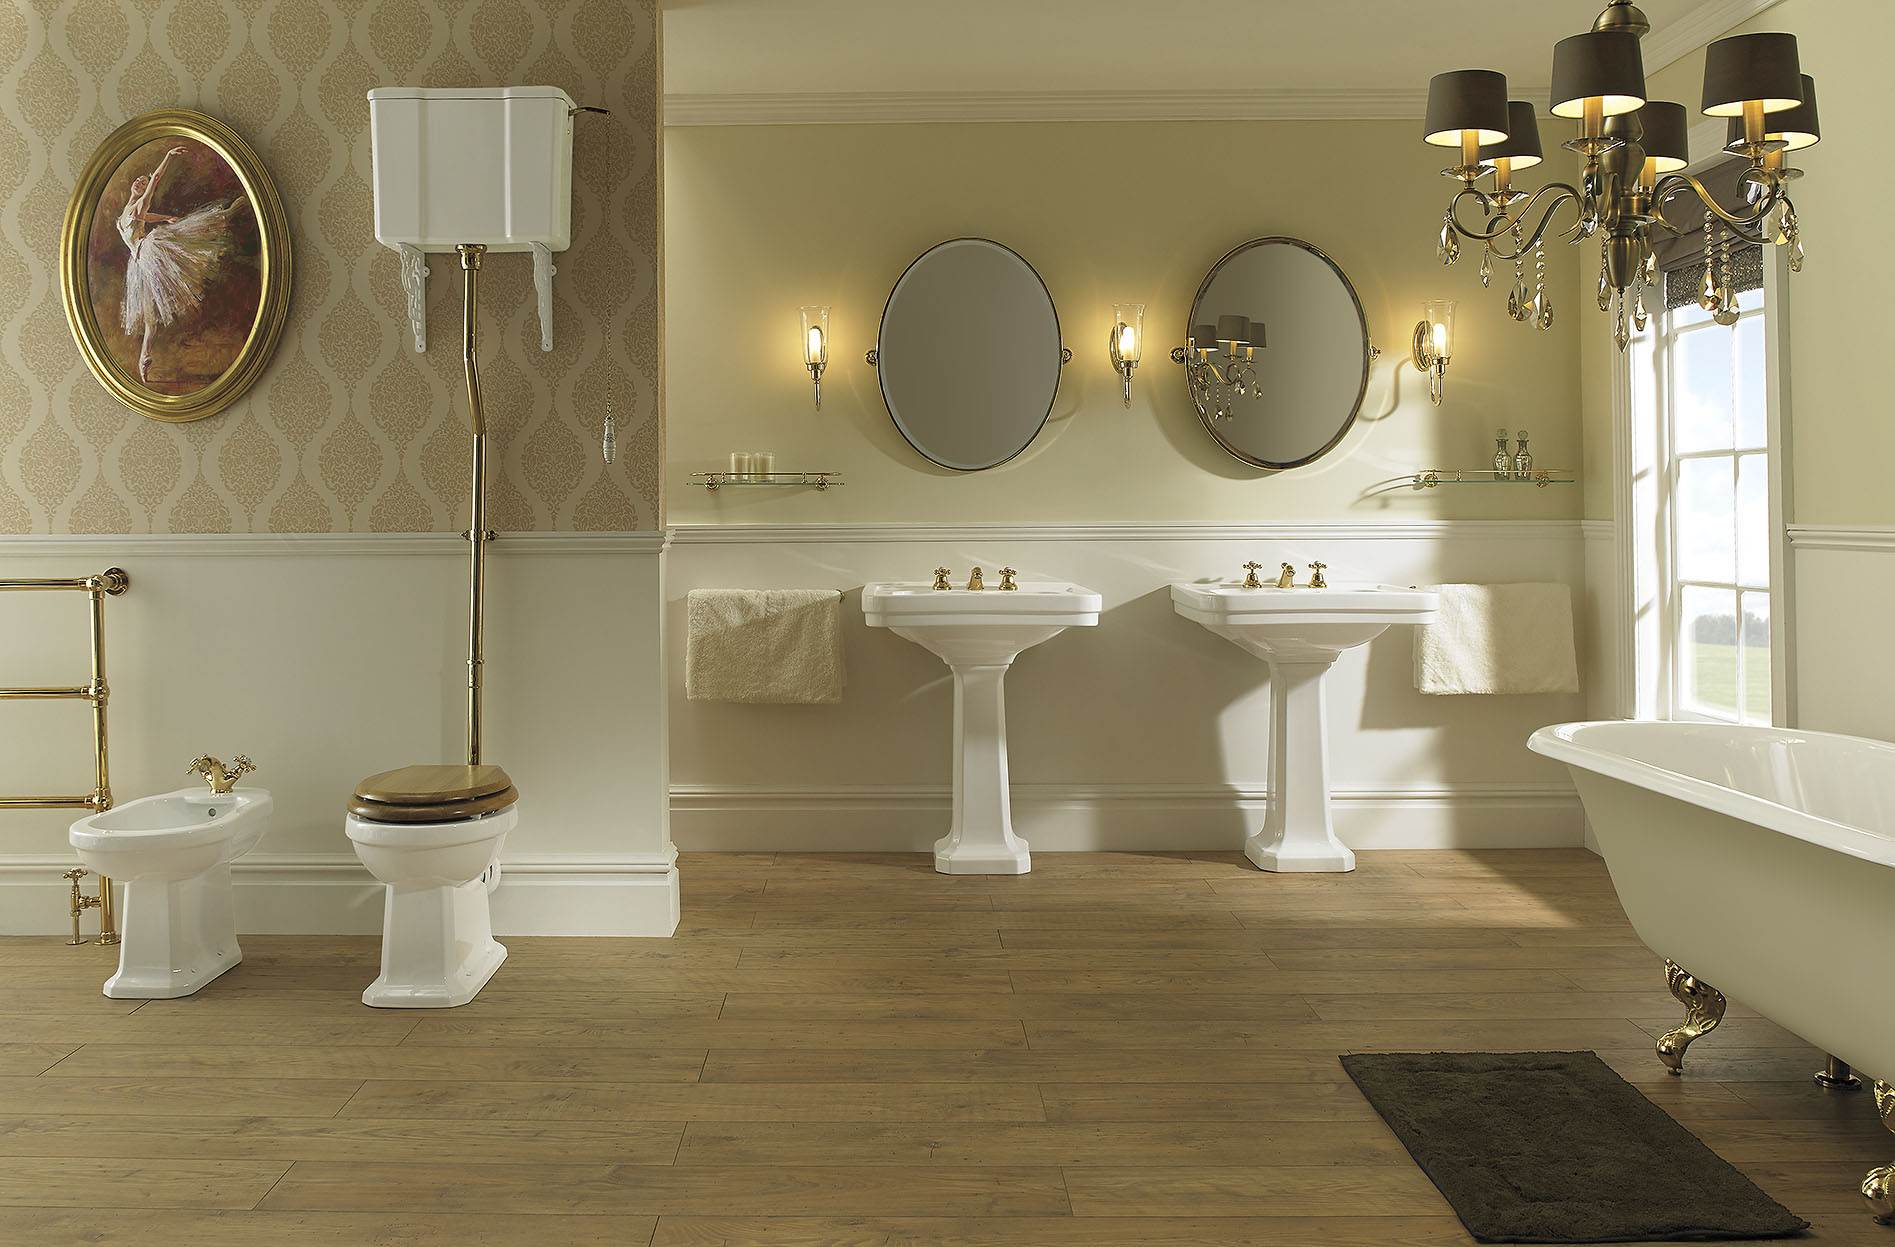 Imperial-Bathrooms Badexclusief luxe klassiek sanitair.